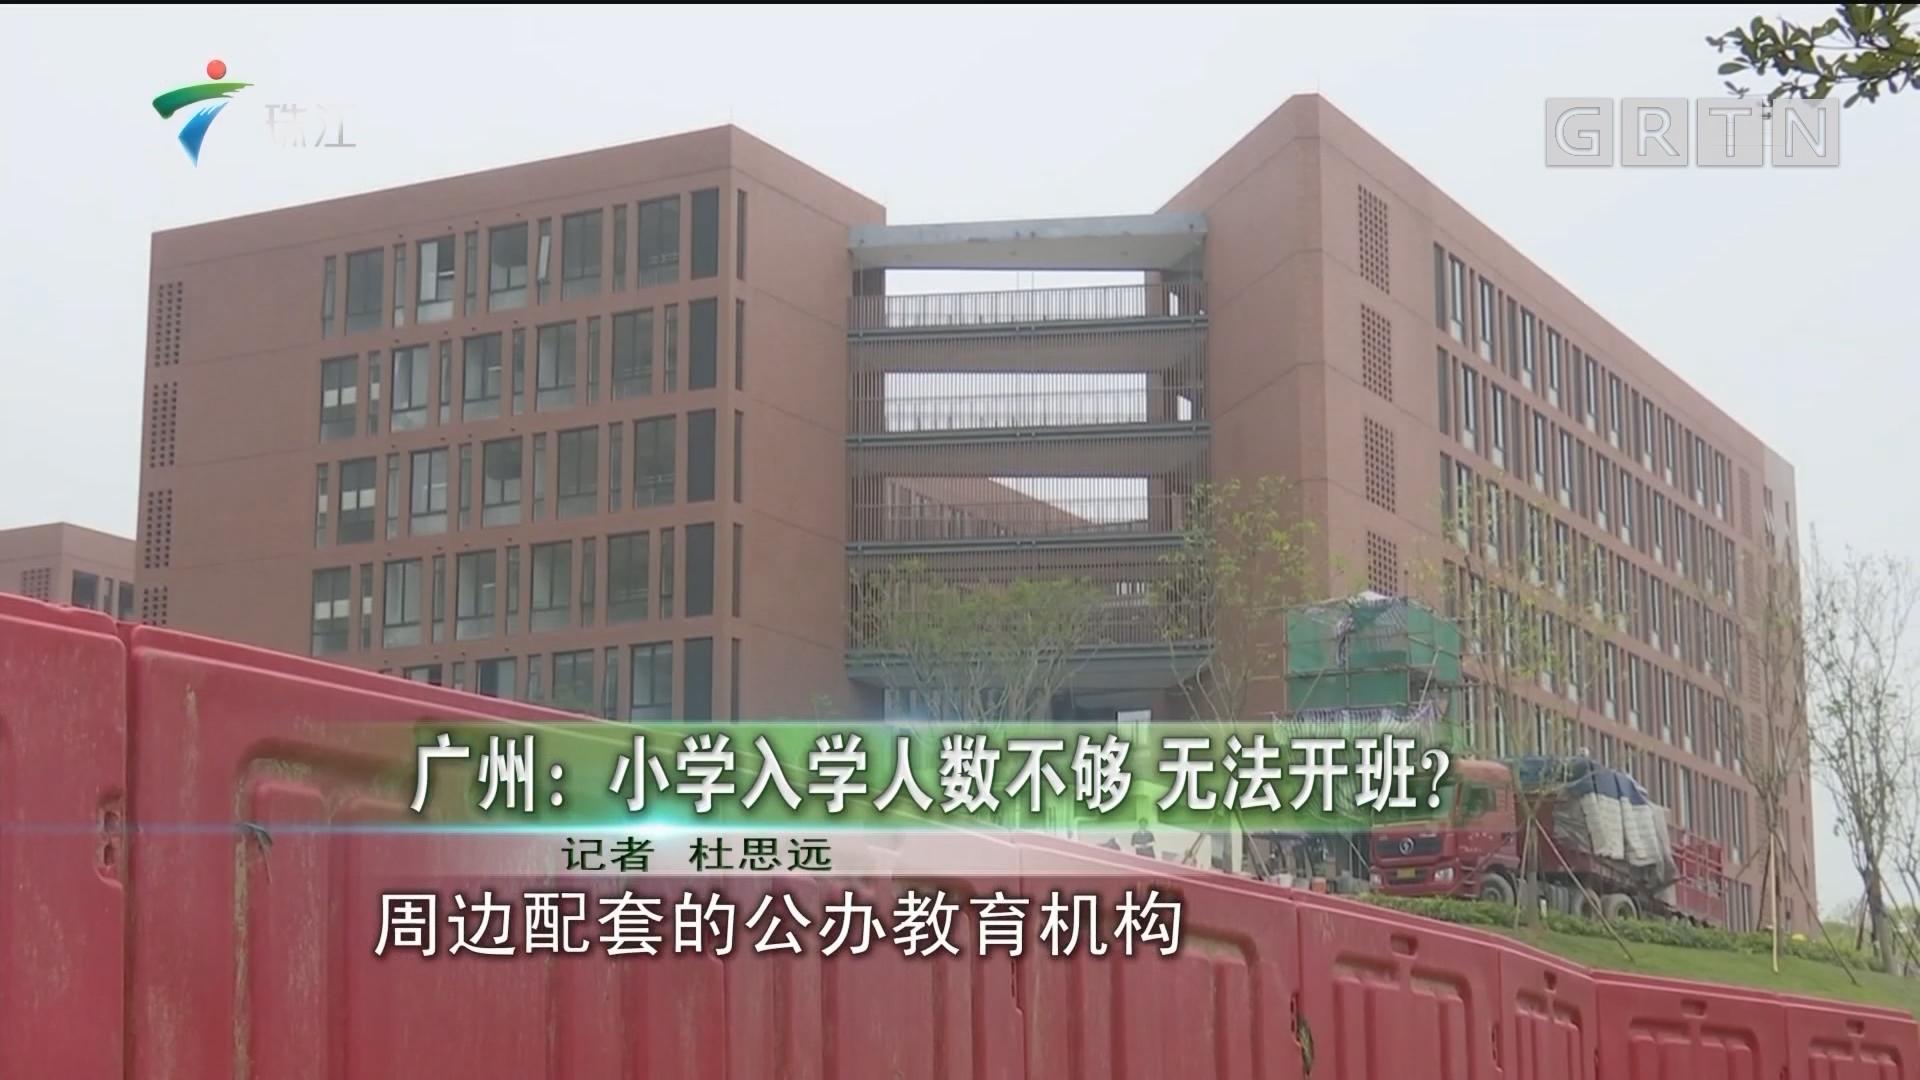 广州:小学入学人数不够 无法开班?